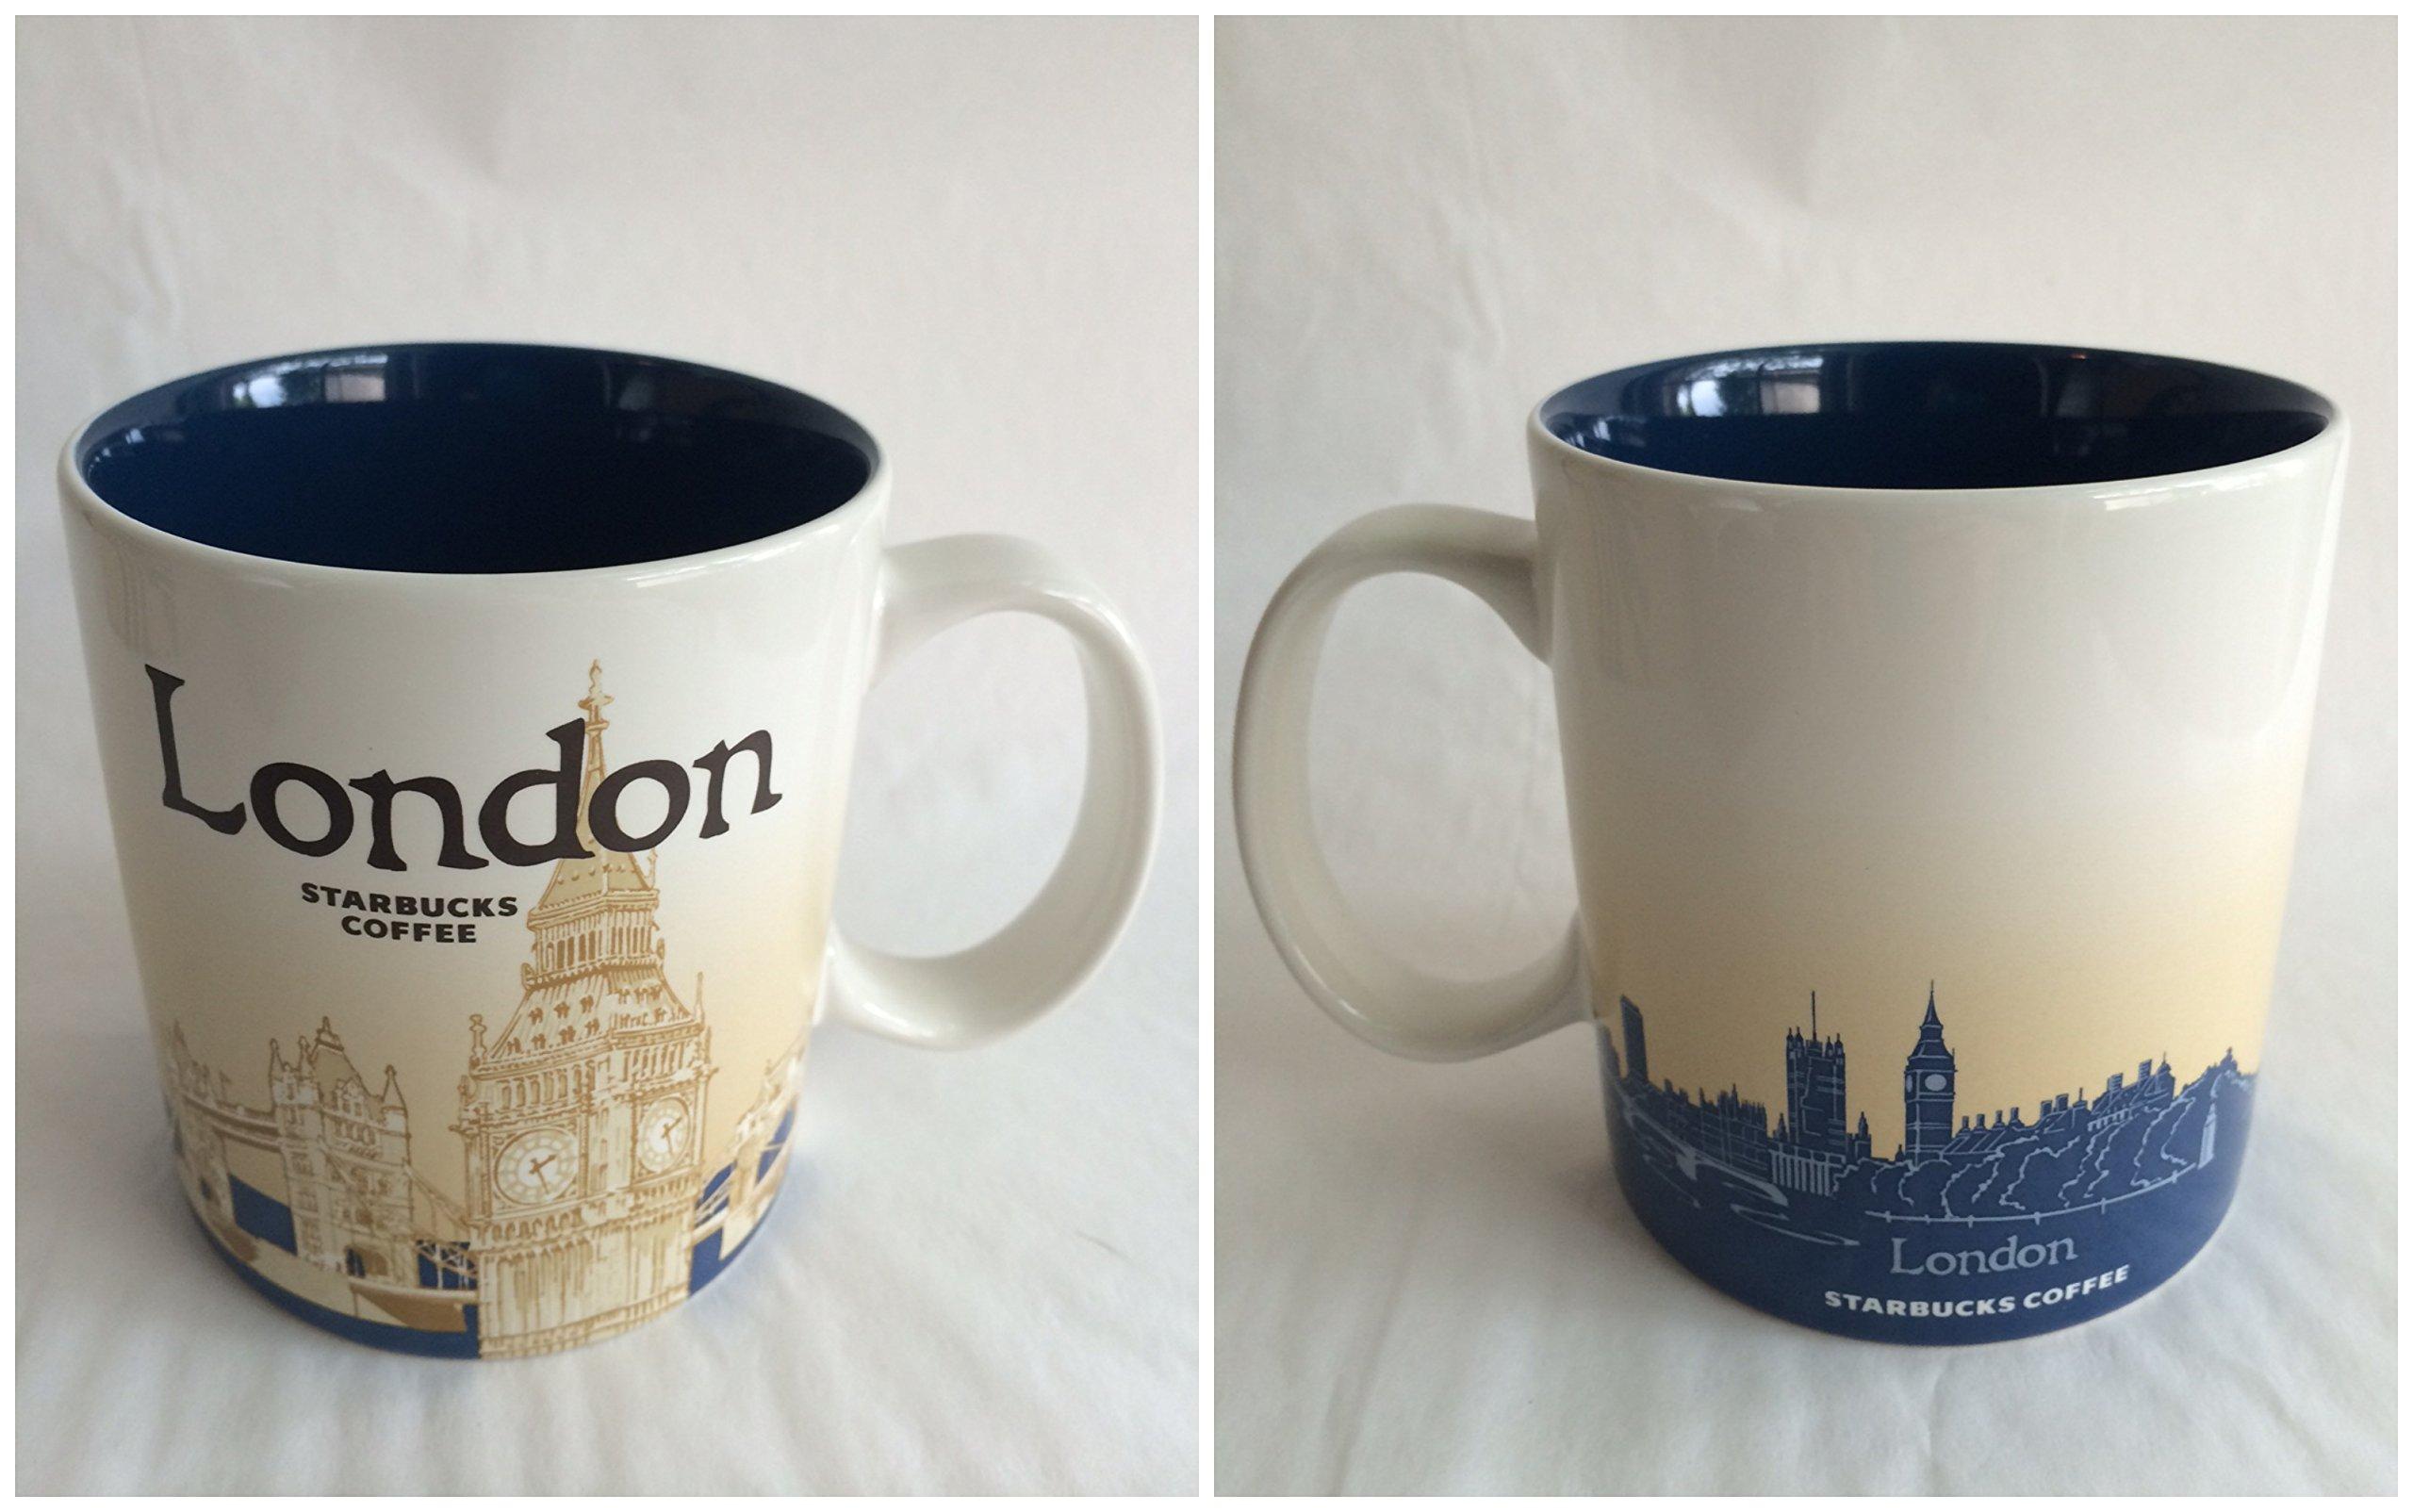 Starbucks Global Icon London Collectors Coffee Mug